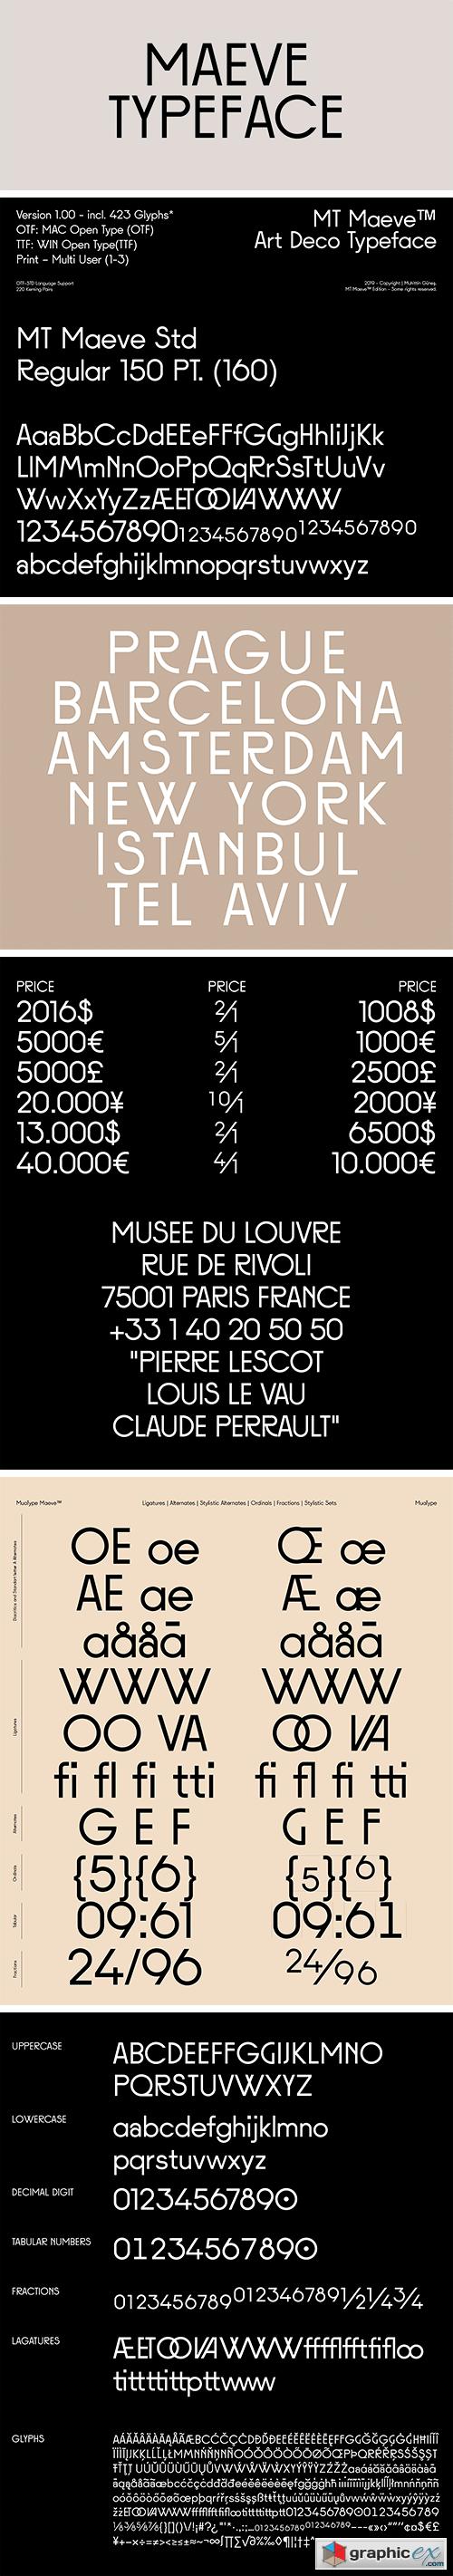 Maeve Typeface